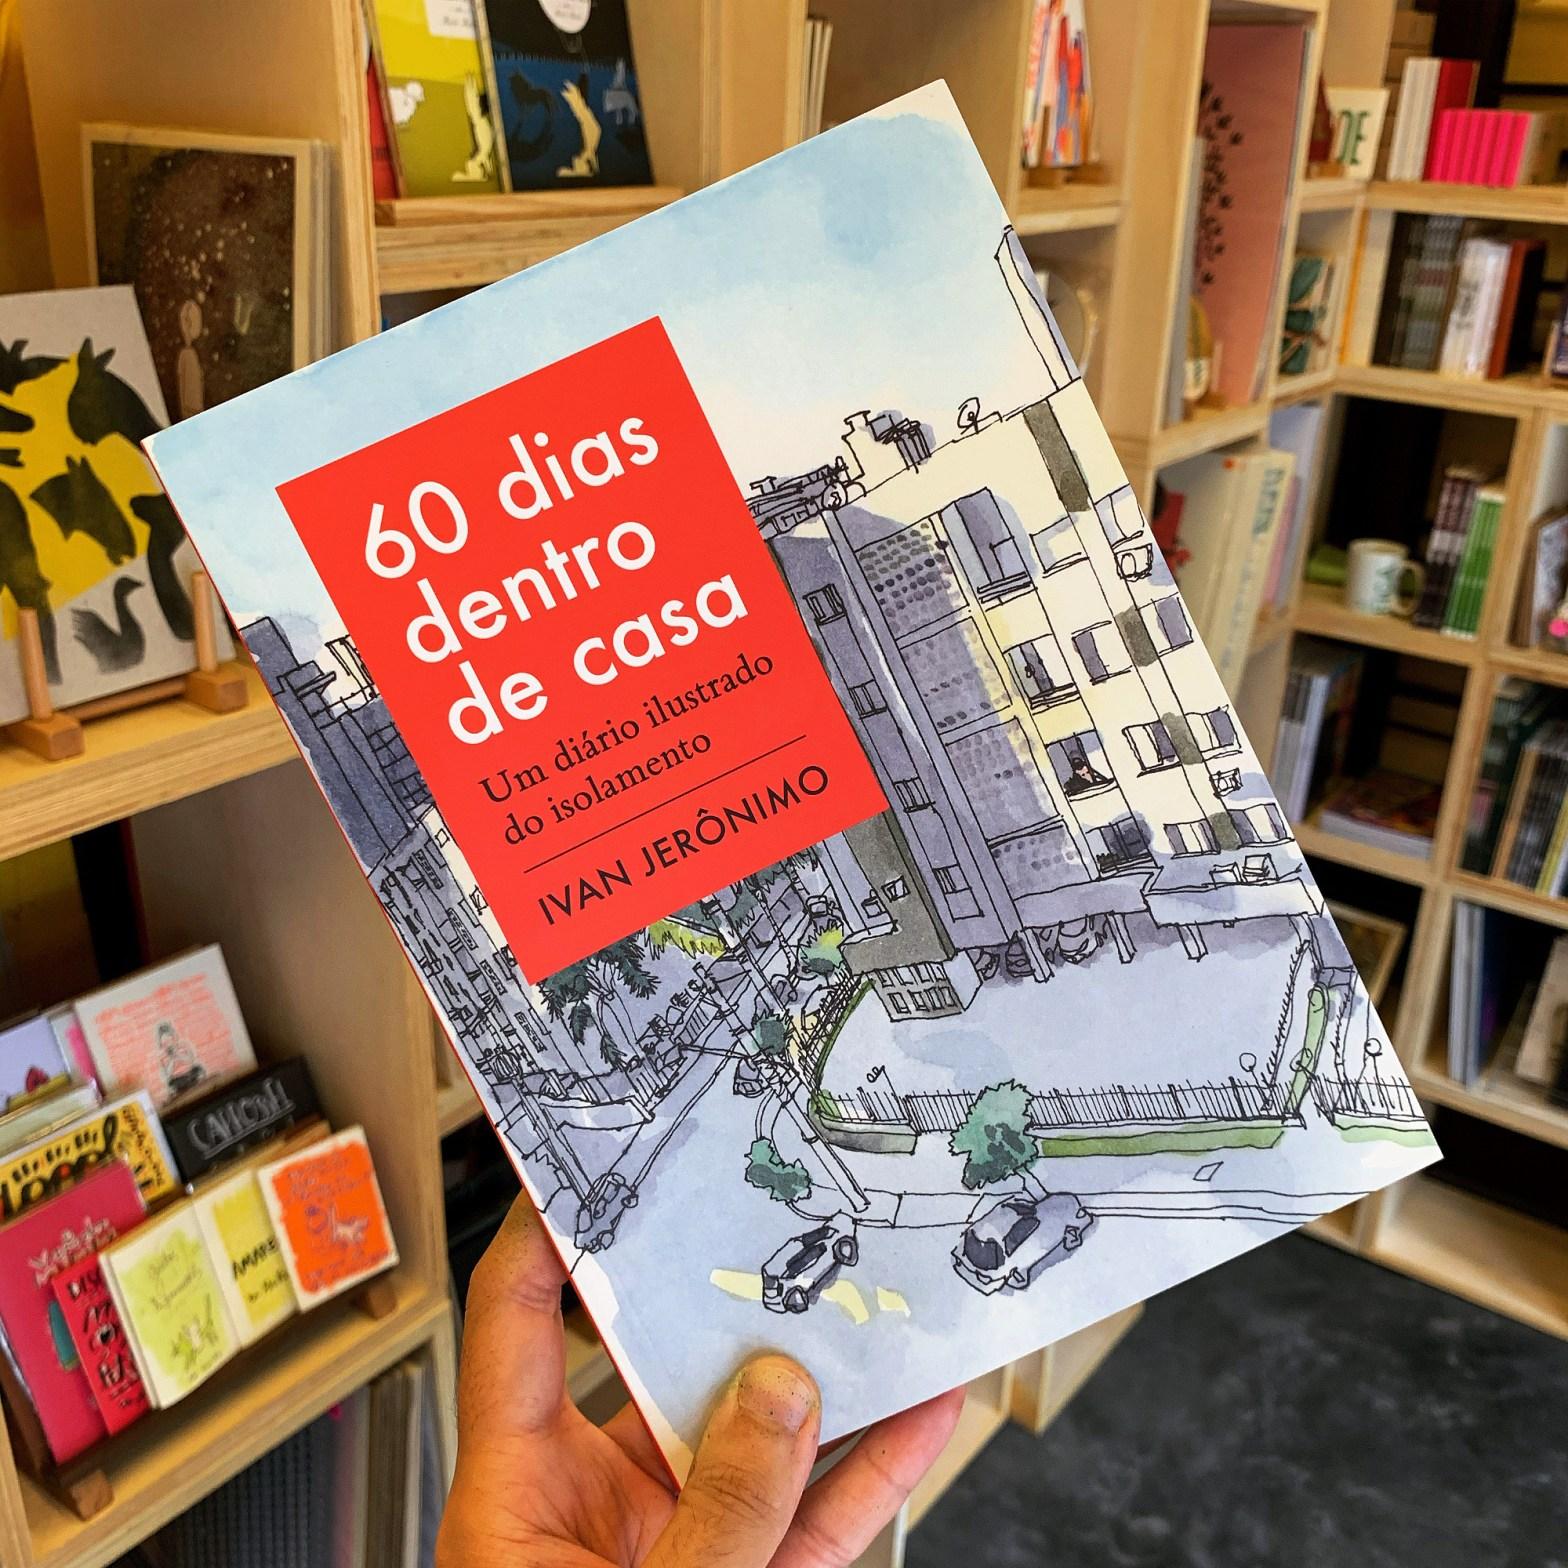 """Foto de mão segurando o livro """"60 dias dentro de casa – Um diário ilustrado do isolamento"""" entre as estantes no interior da Banca Curva"""